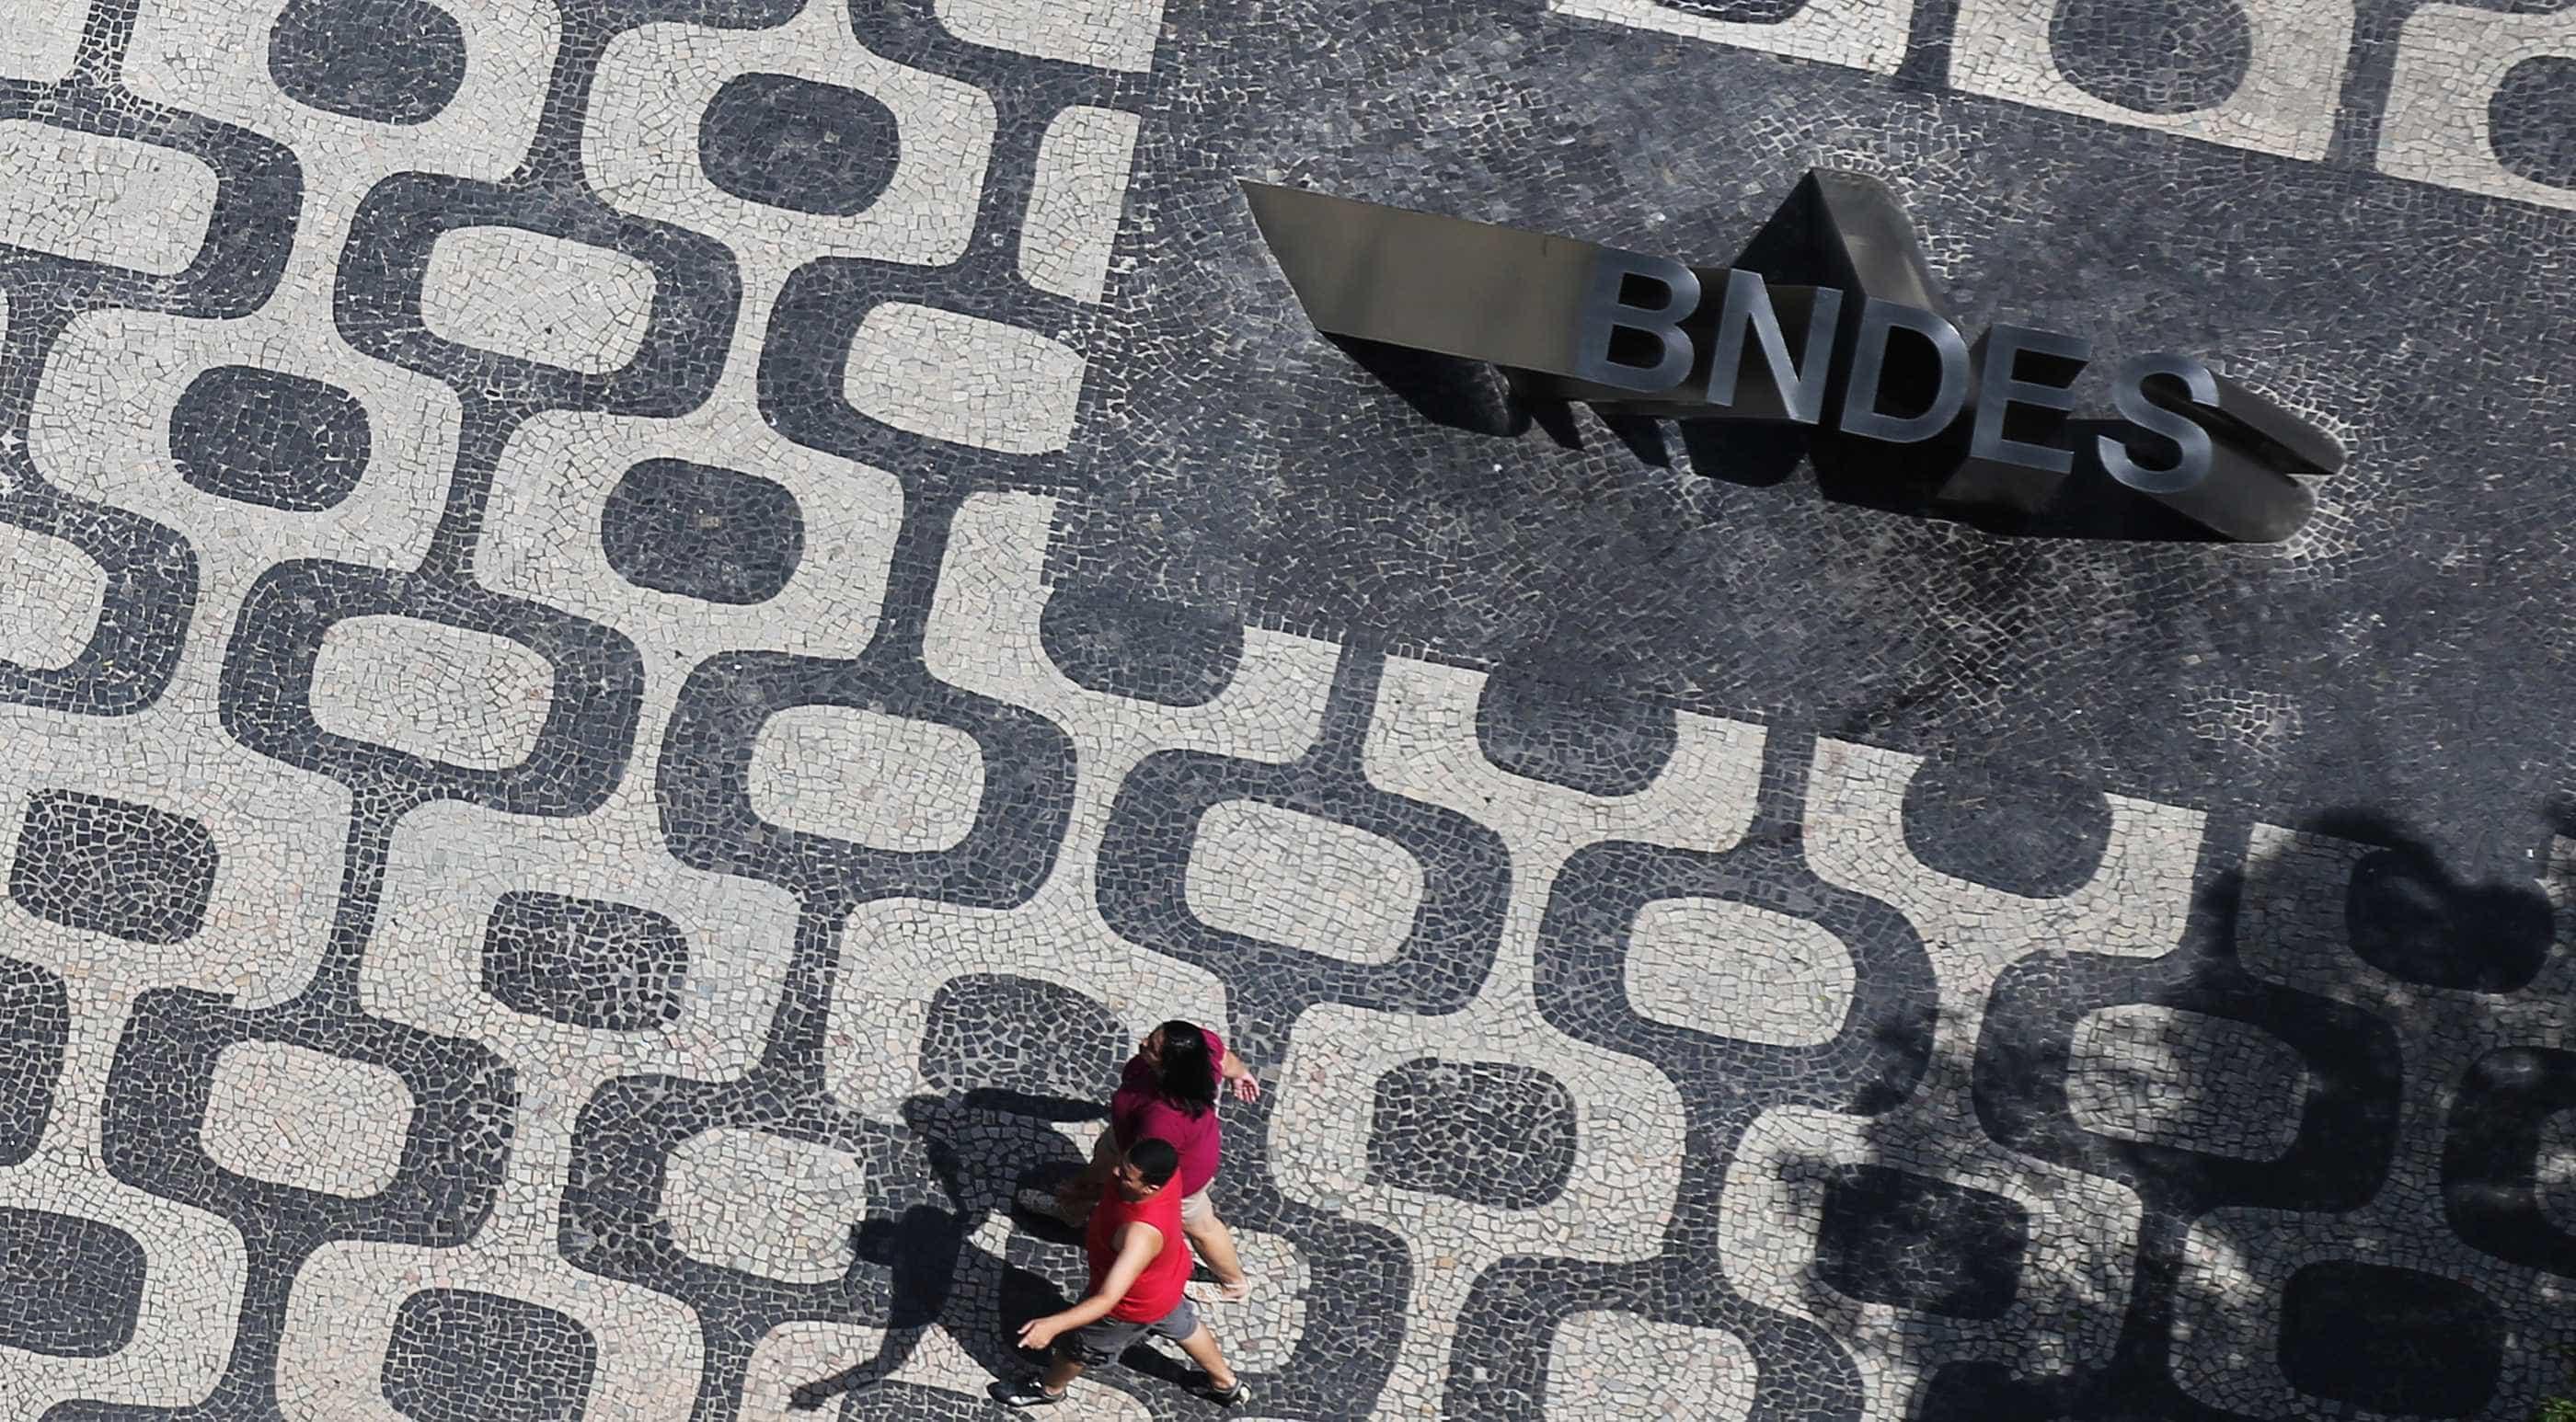 BNDES terá novo procedimento para análise de crédito